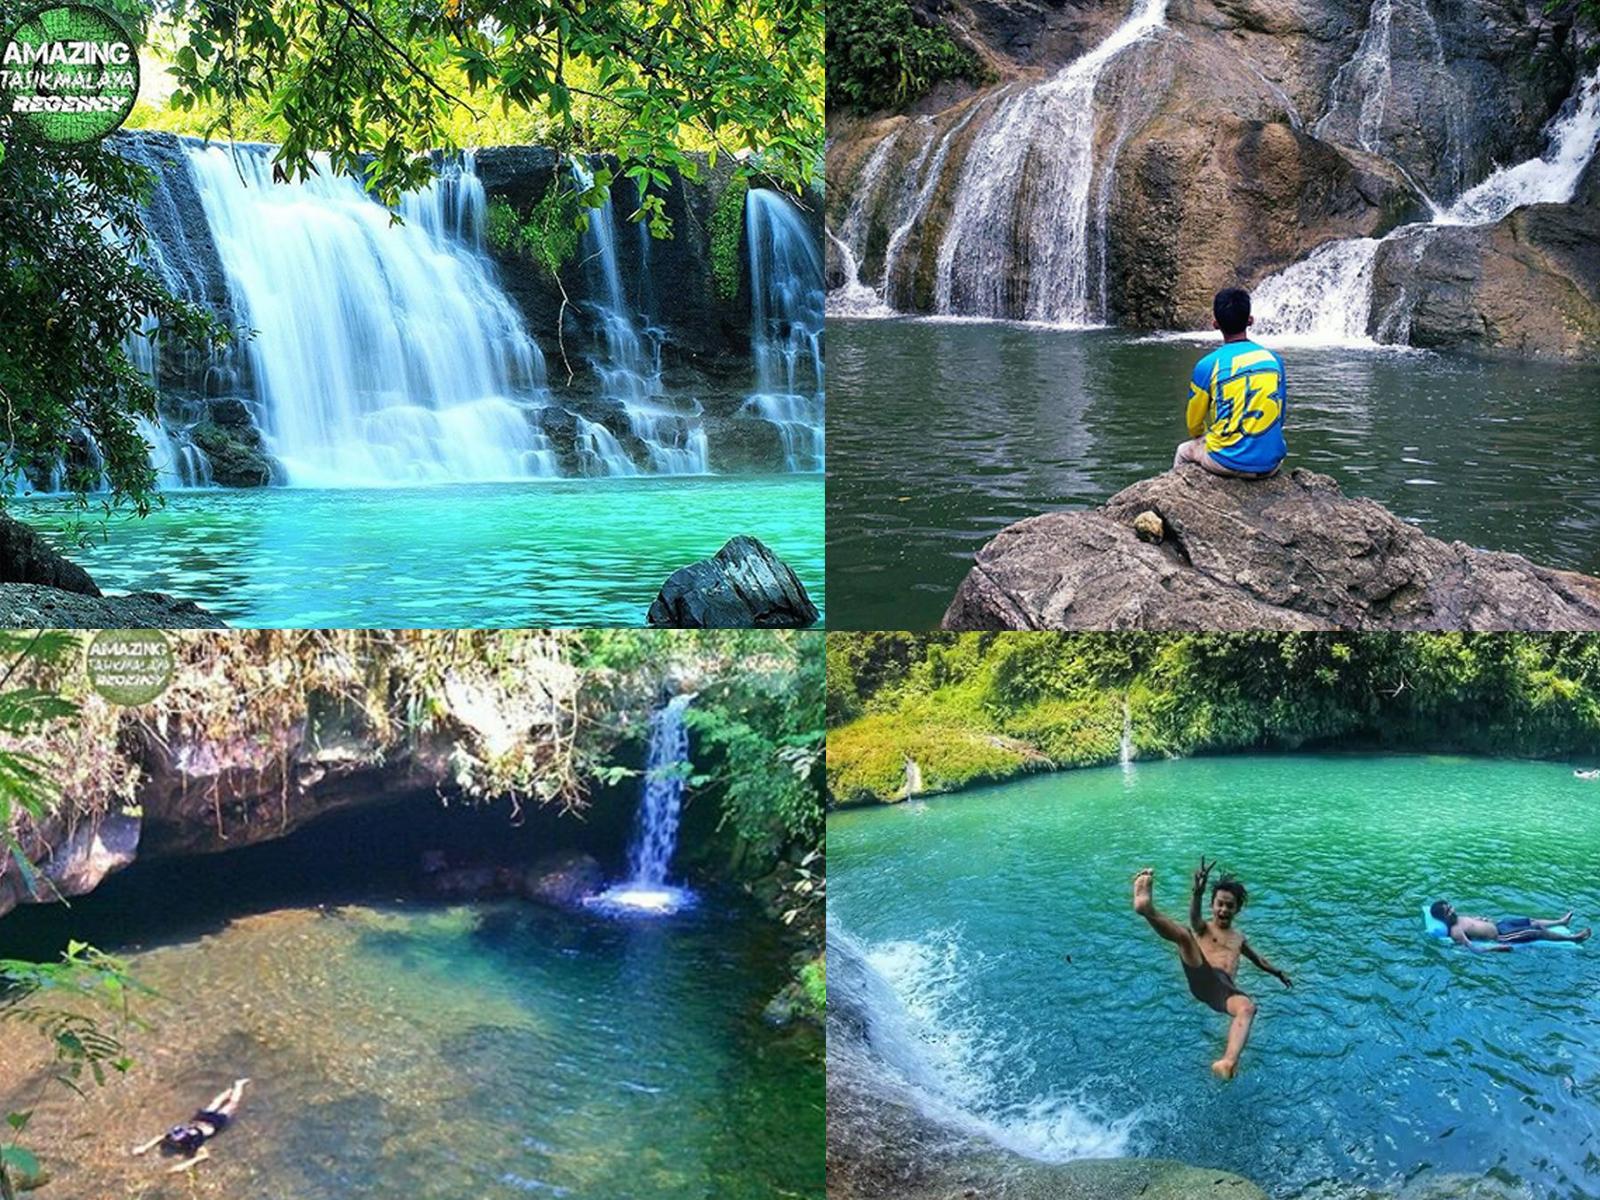 Air Terjun, Potensi Wisata Alam Unggulan di Tasikmalaya ...